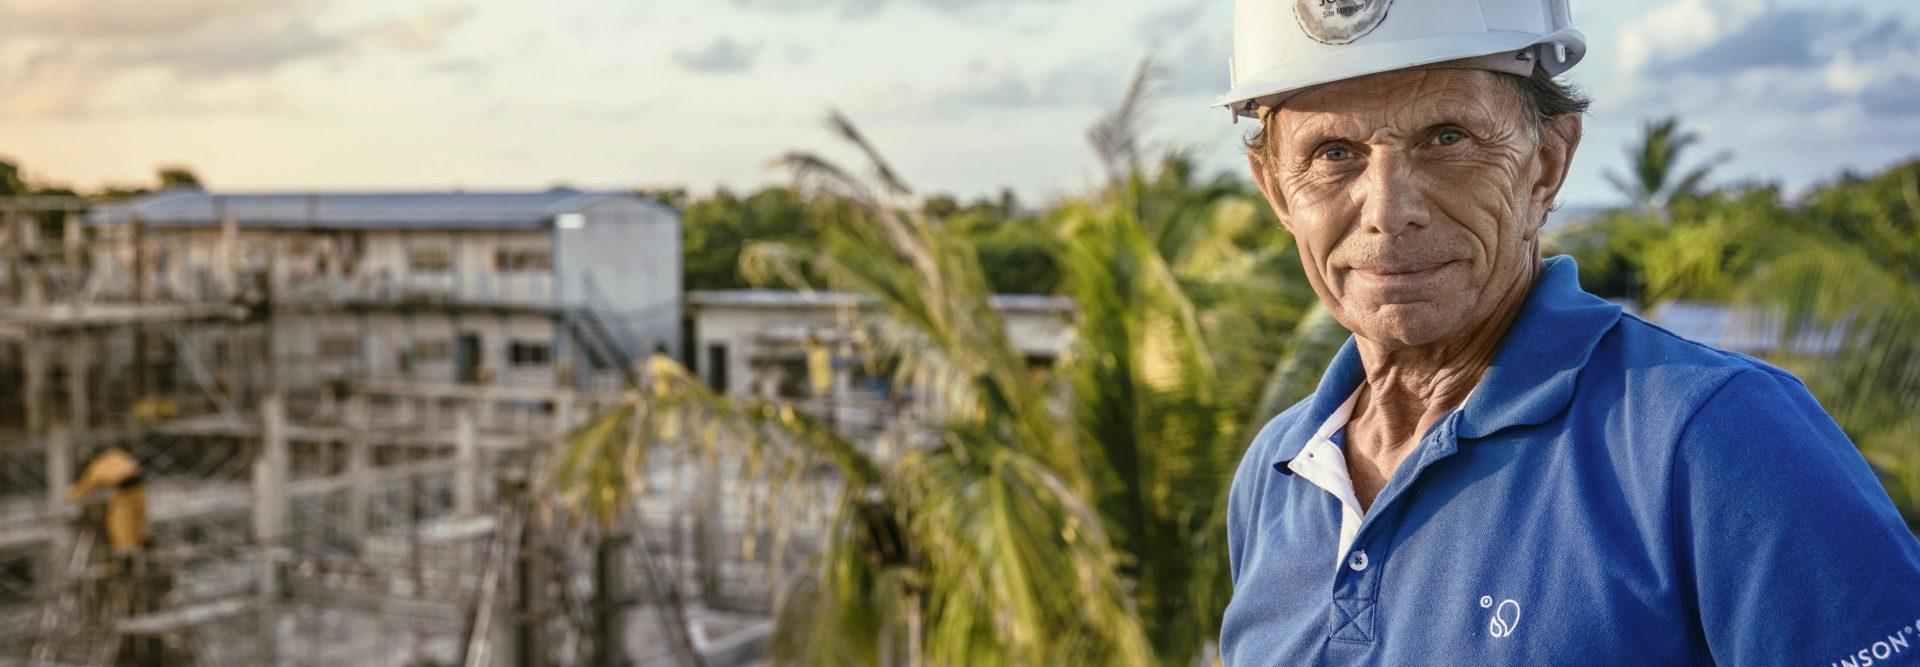 Architekt auf ROBINSON Baustelle